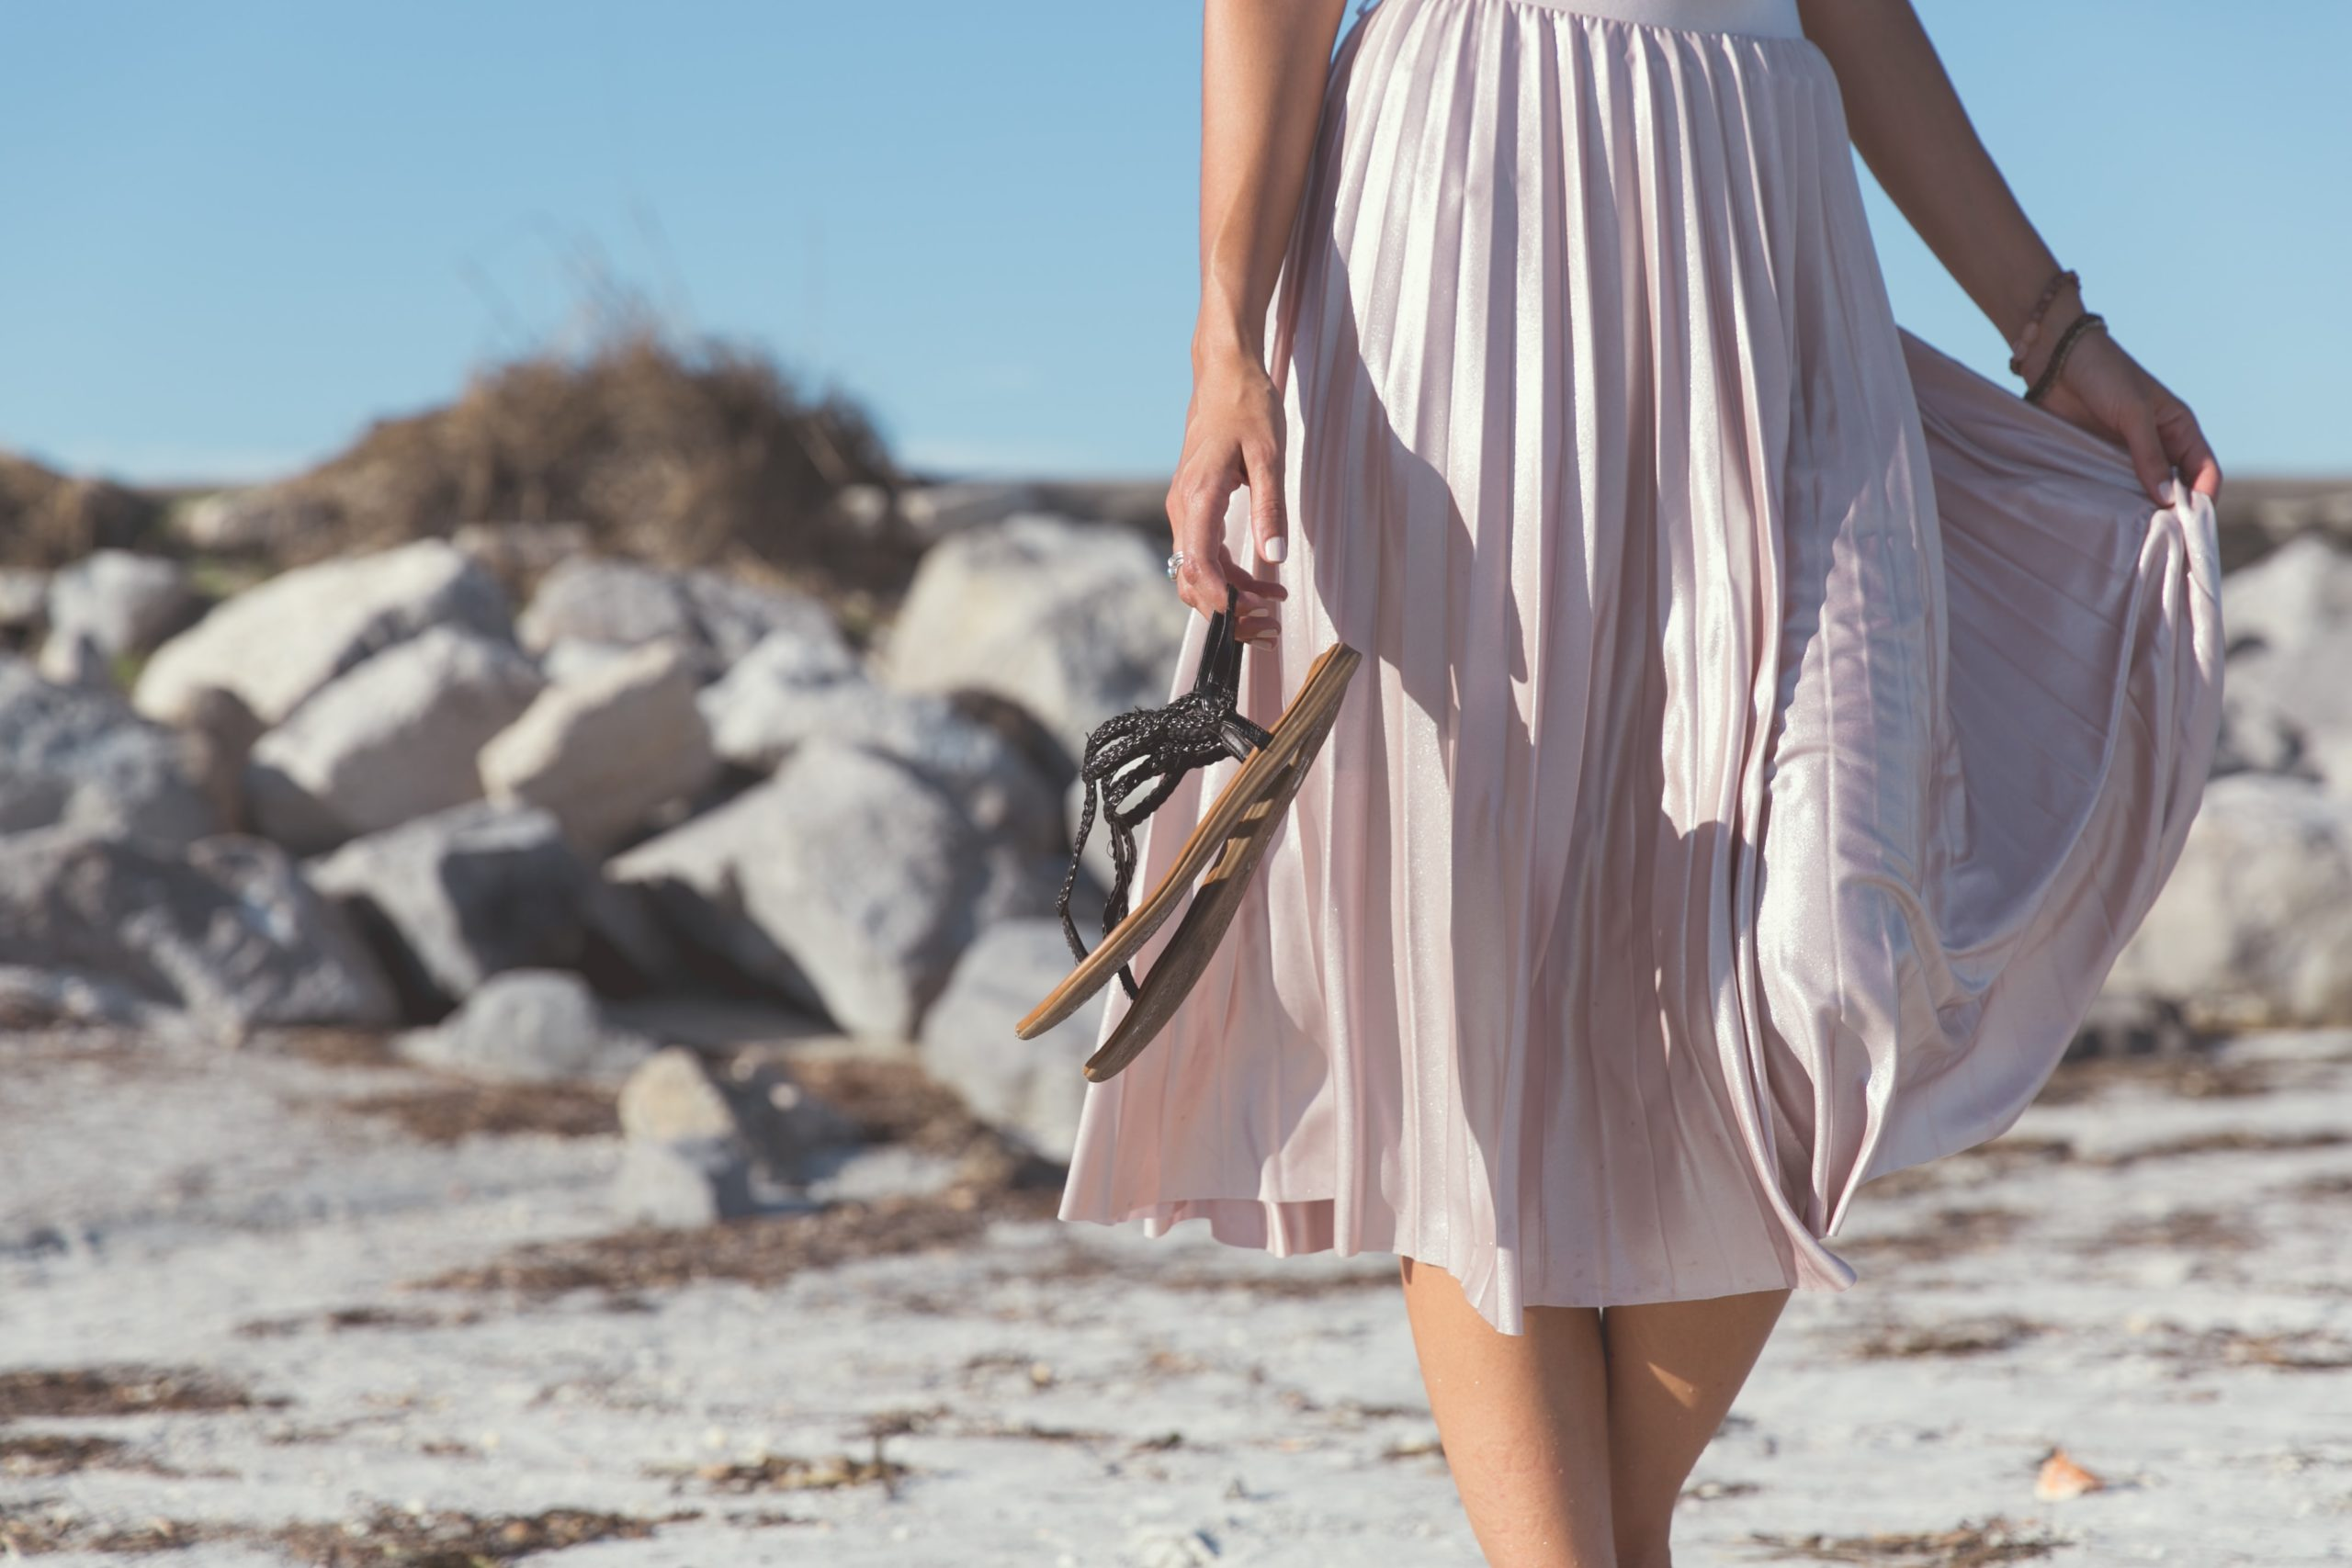 Femme sur la plage en jupe upcyclé portant à sa mains des sandales et montrant une coupe spécifique de jupe